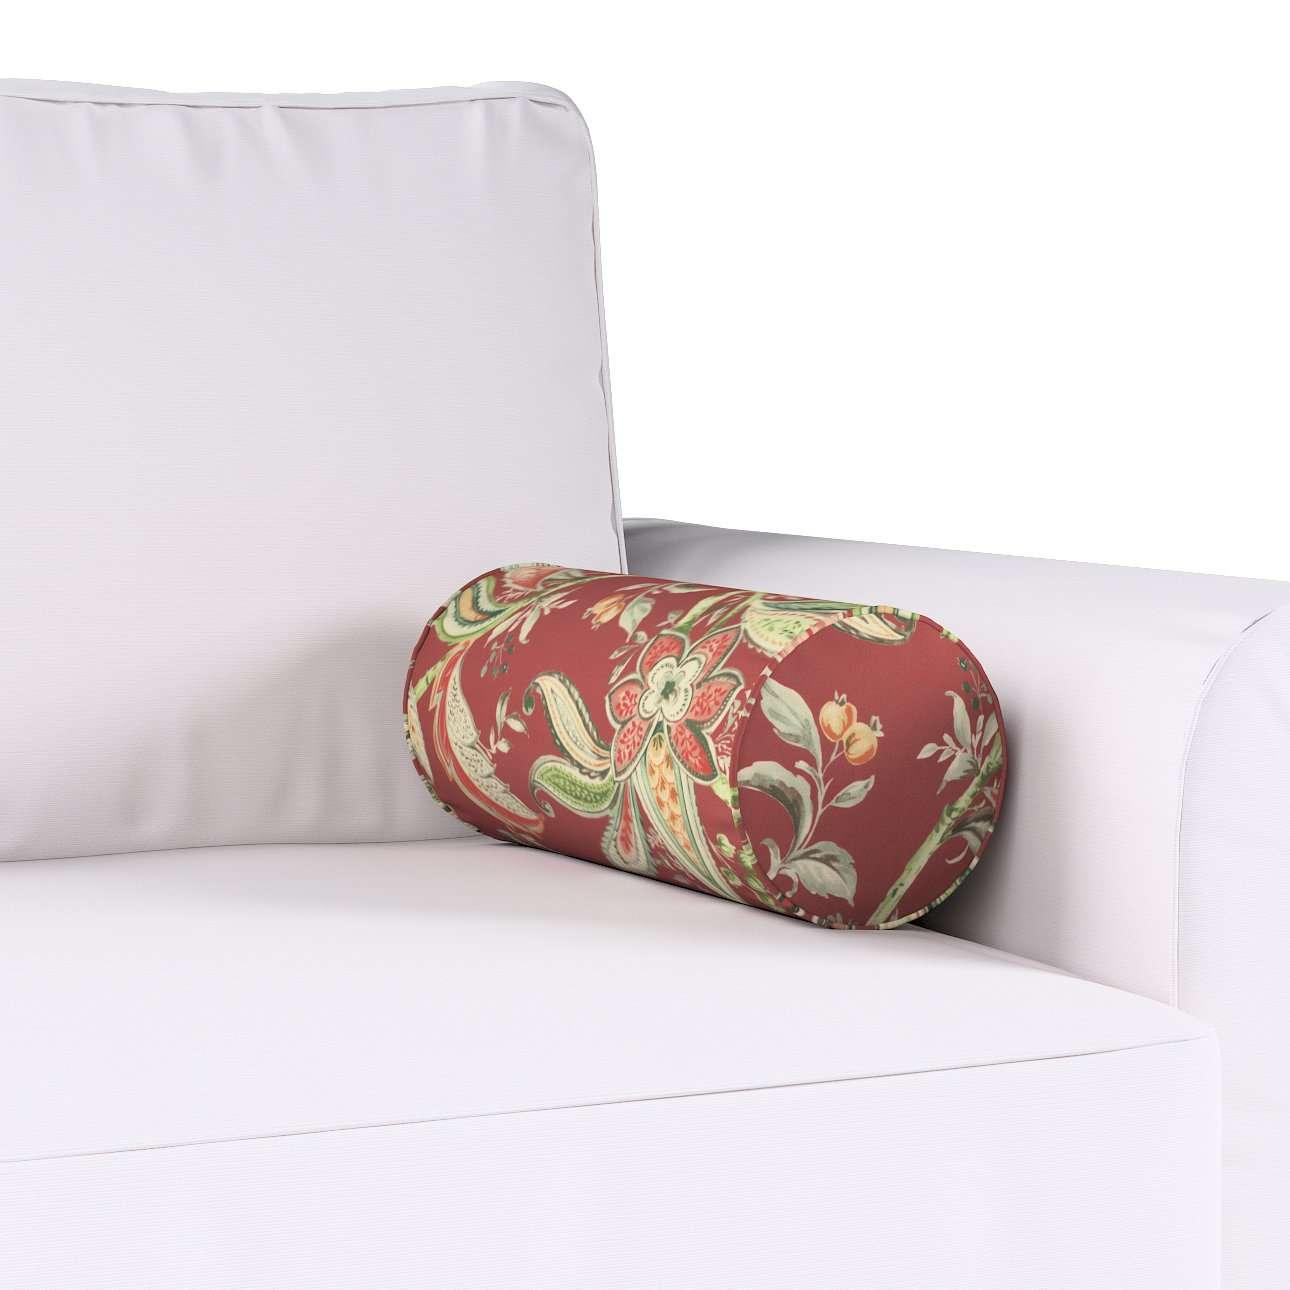 Poduszka wałek prosty w kolekcji Gardenia, tkanina: 142-12